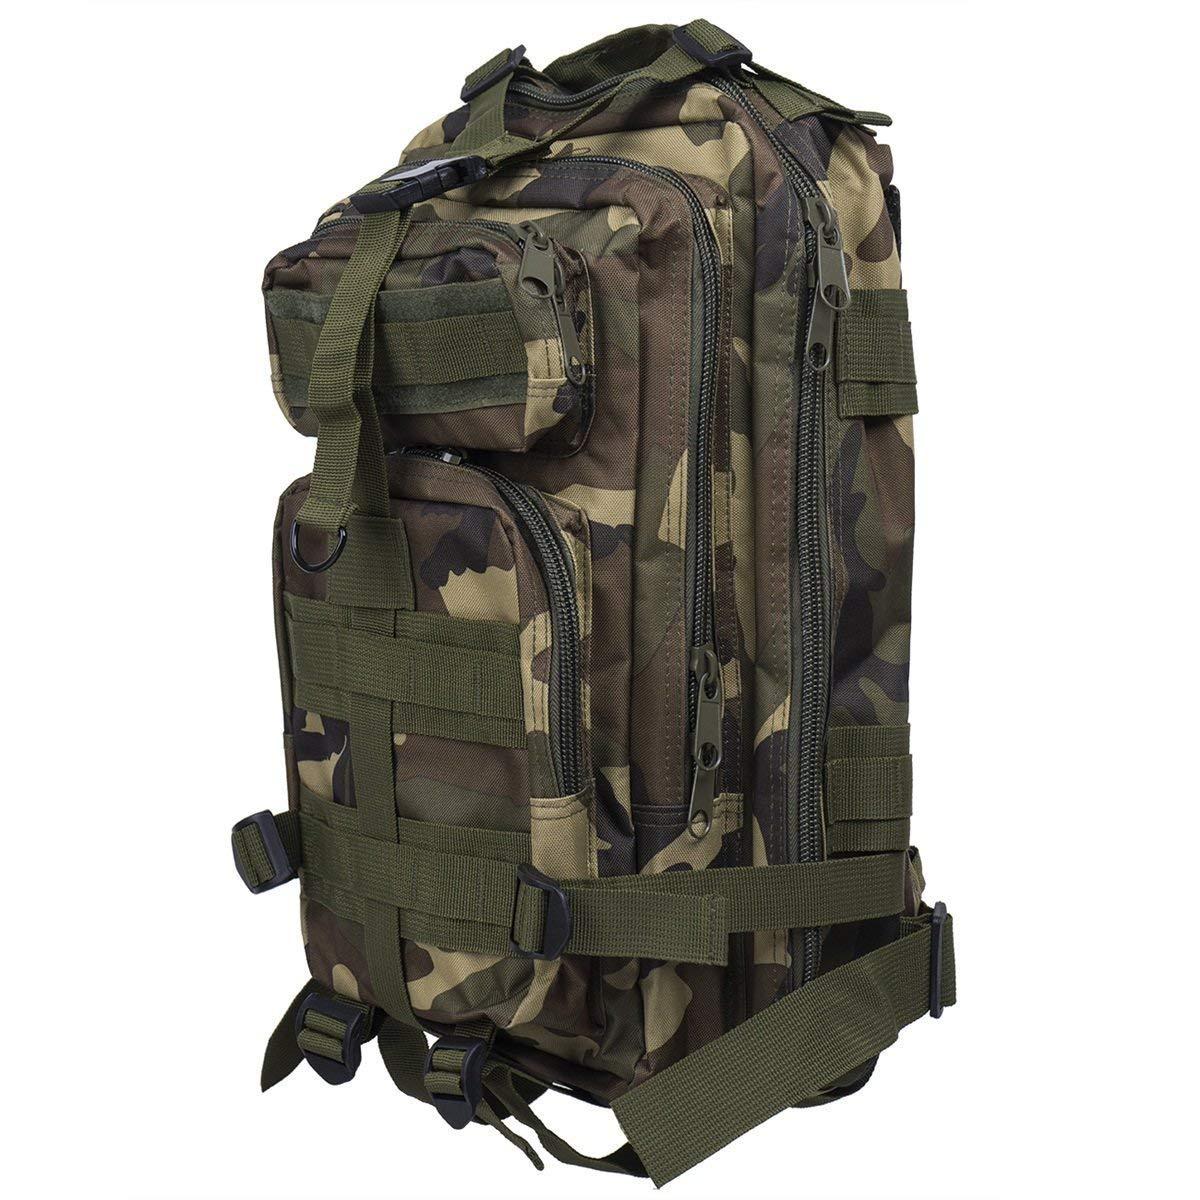 Pureed Tactical Wander Kt 30L Stylisch Rucksack Wandern Mode Trekking Military Rucksack Herren Rucksack Tasche (Farbe   Hautfarben, Größe   One Größe) B07MGX9SB8 Daypacks Am praktischsten